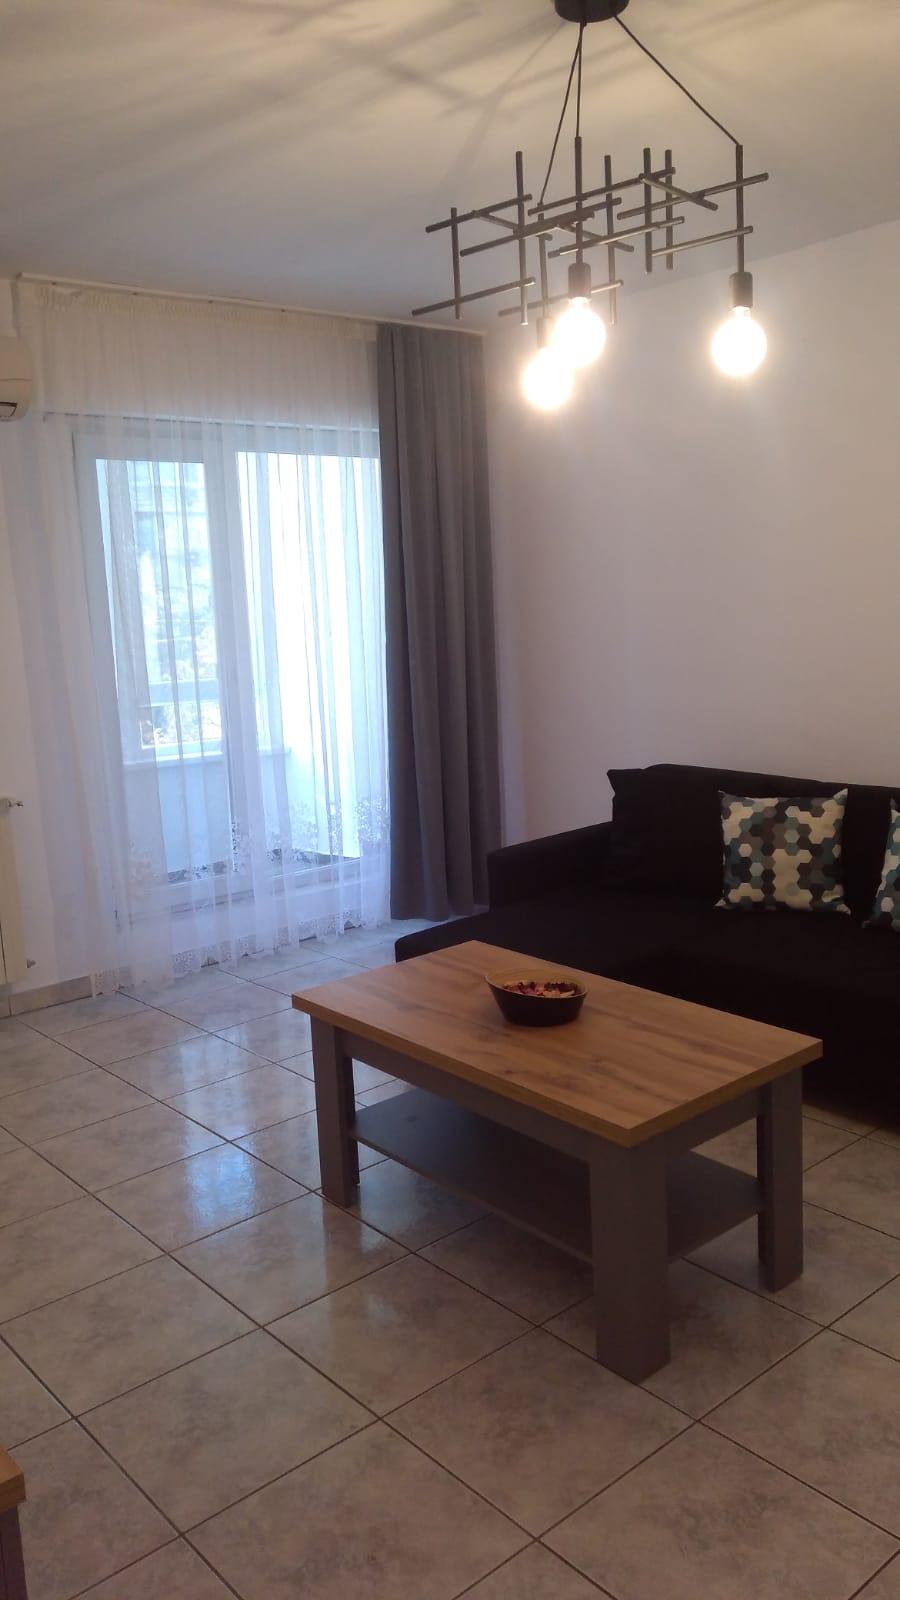 Inchiriere apartament 2 camere, zona Unirii Bucuresti